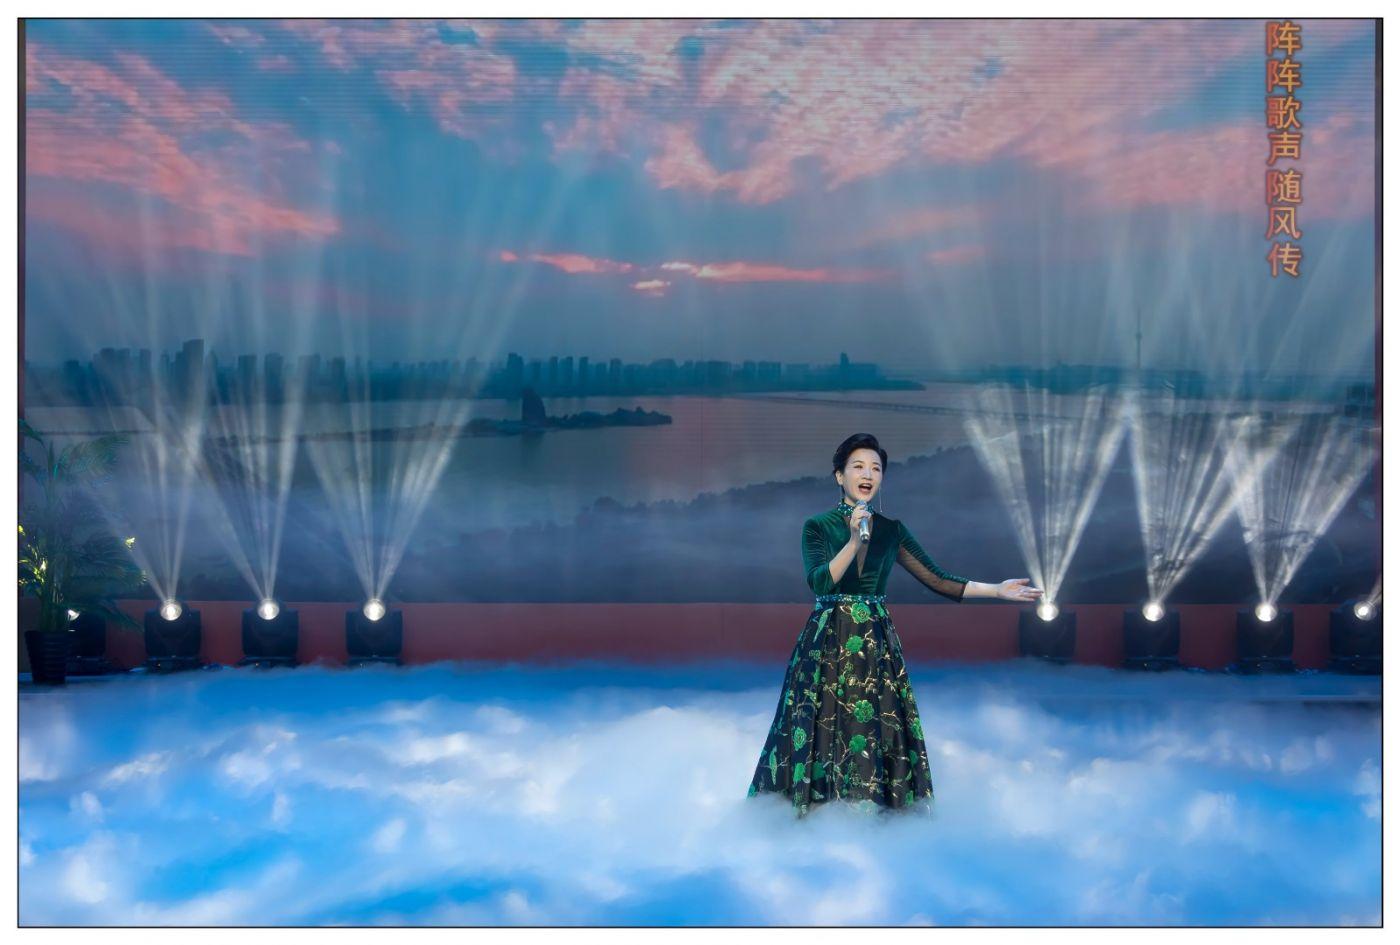 又见星光大道冠军歌手张海军 1月26央视播出 将自己唱哭的歌手 ..._图1-10